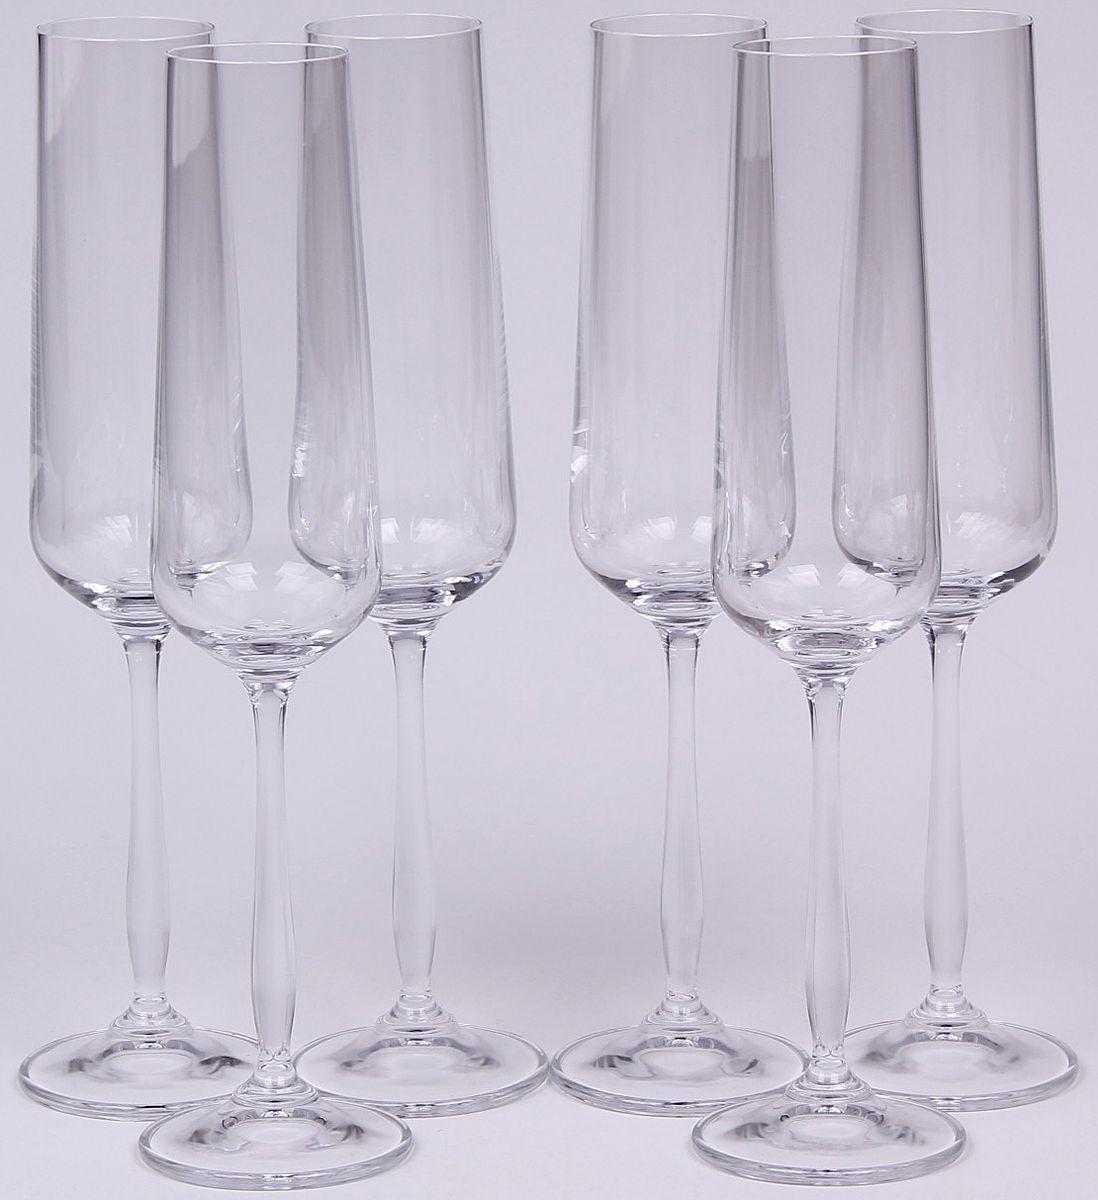 Набор бокалов для шампанского Banquet Crystal, 235 мл, 6 шт. 02B2G00323502B2G003235Набор Banquet Crystal состоит из шести бокалов для шампанского, выполненных из стекла. Изделия оснащены ножками. Бокалы сочетают в себе элегантный дизайн и функциональность. Благодаря такому набору пить напитки будет еще вкуснее.